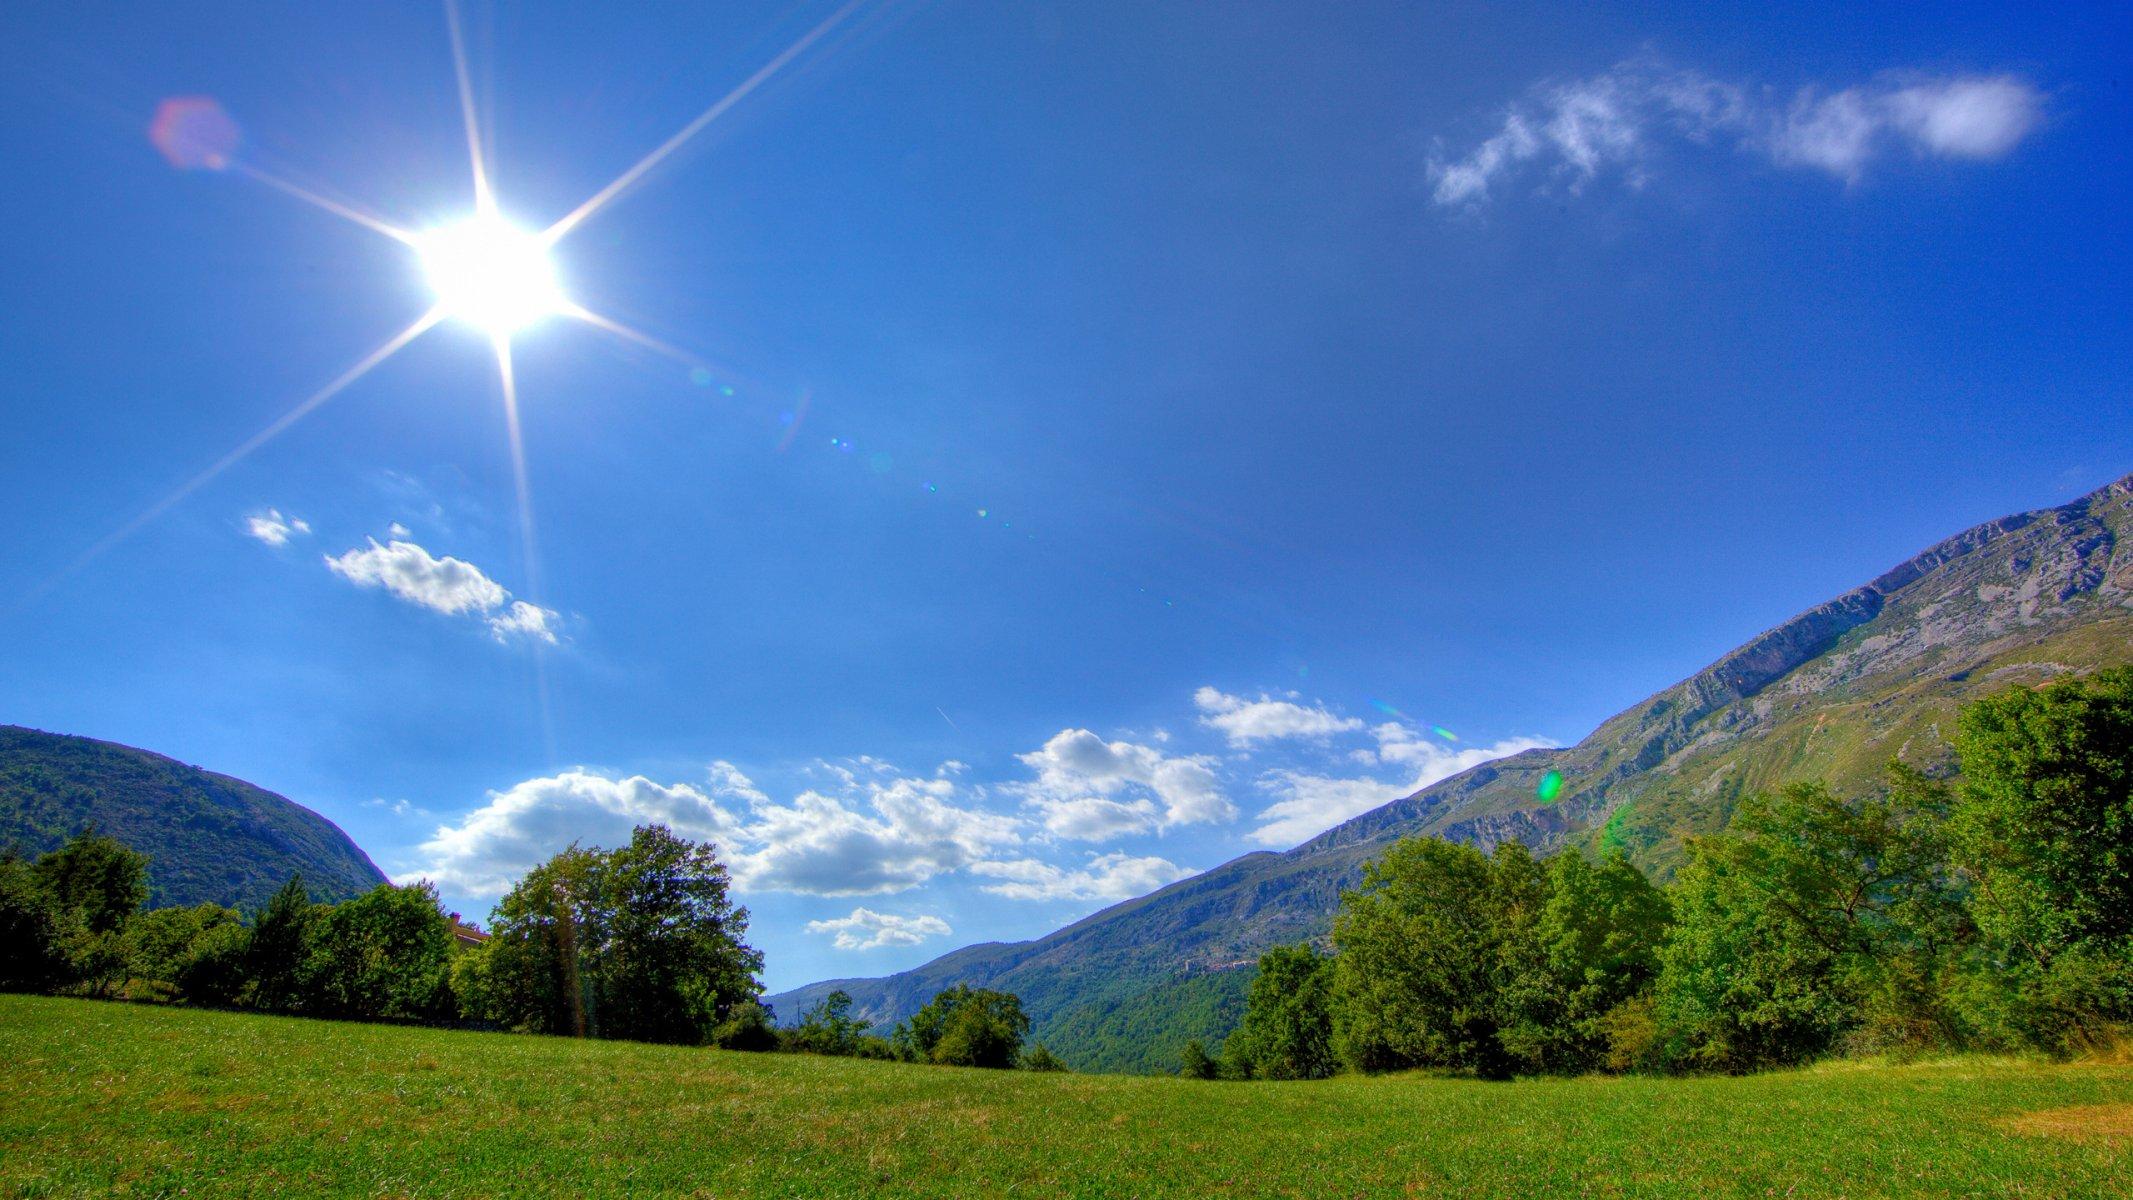 картинка пейзаж солнце области корпоративного, гражданского